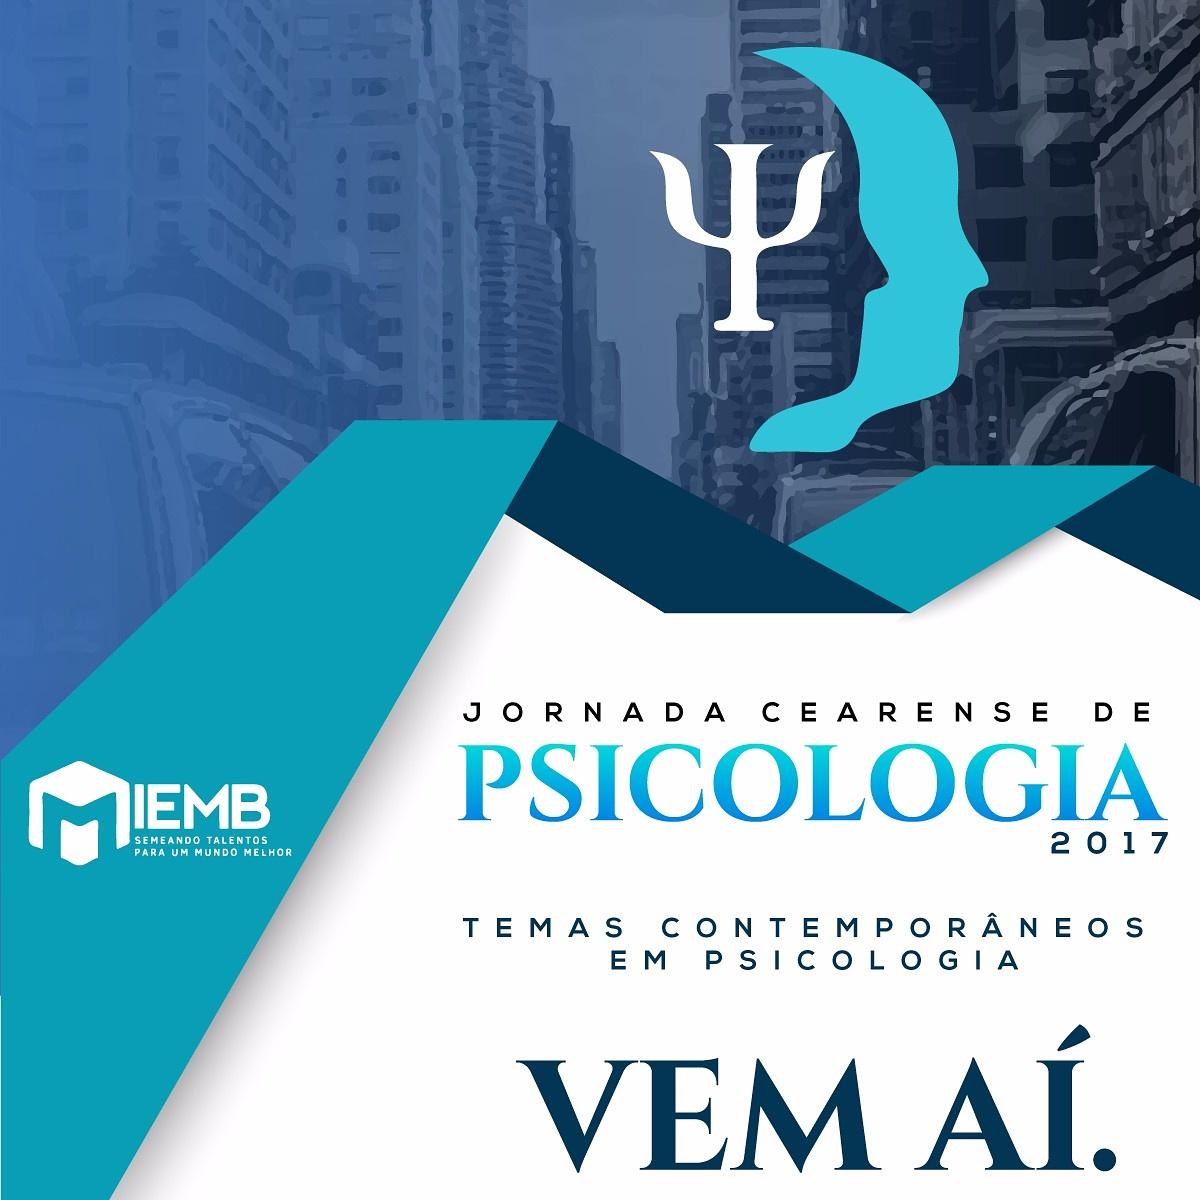 Jornada Cearense de Psicologia 2017